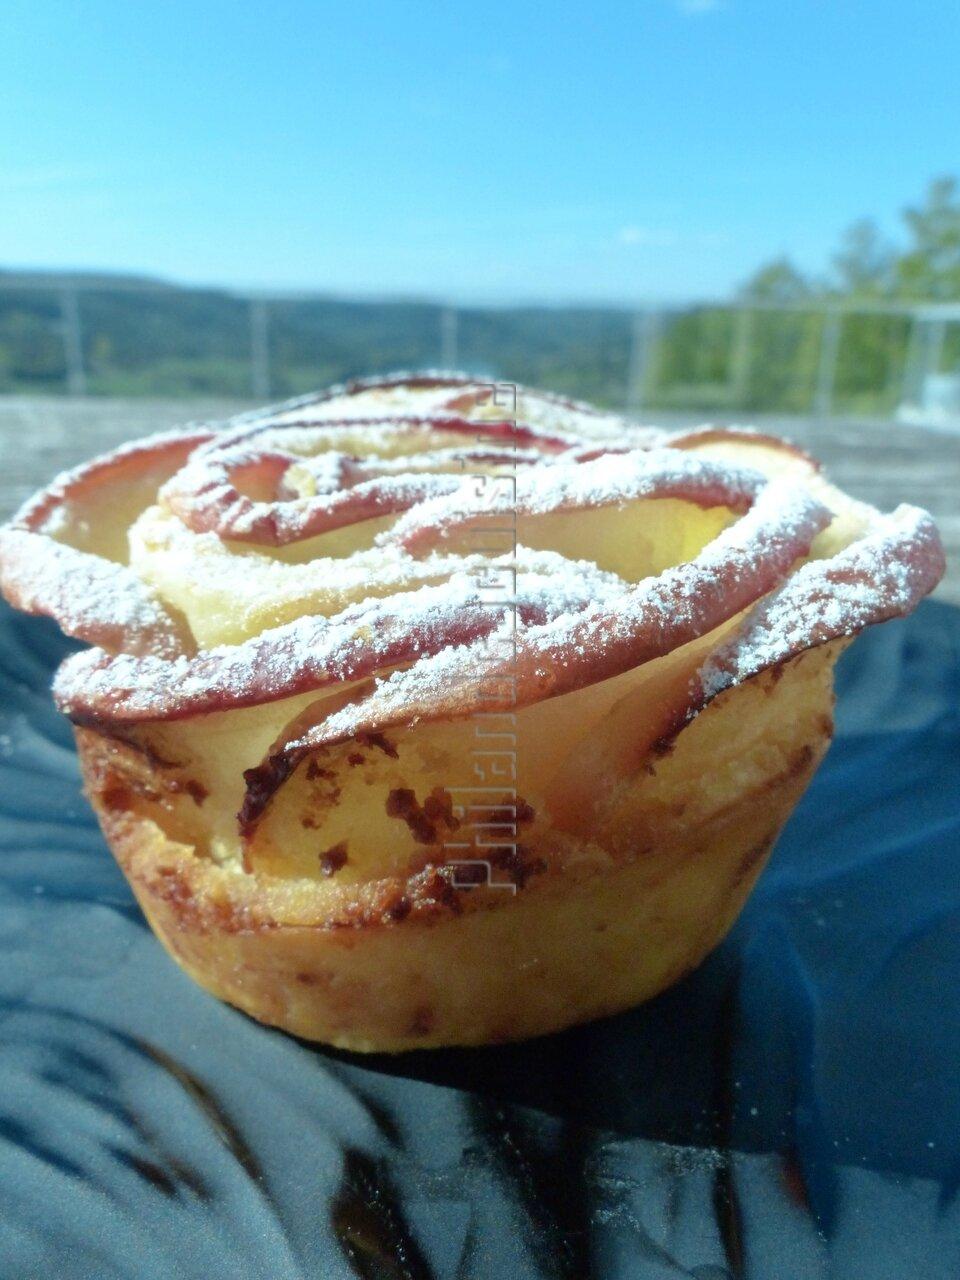 Recette tarte aux pommes picarde - Recette tarte normande traditionnelle ...